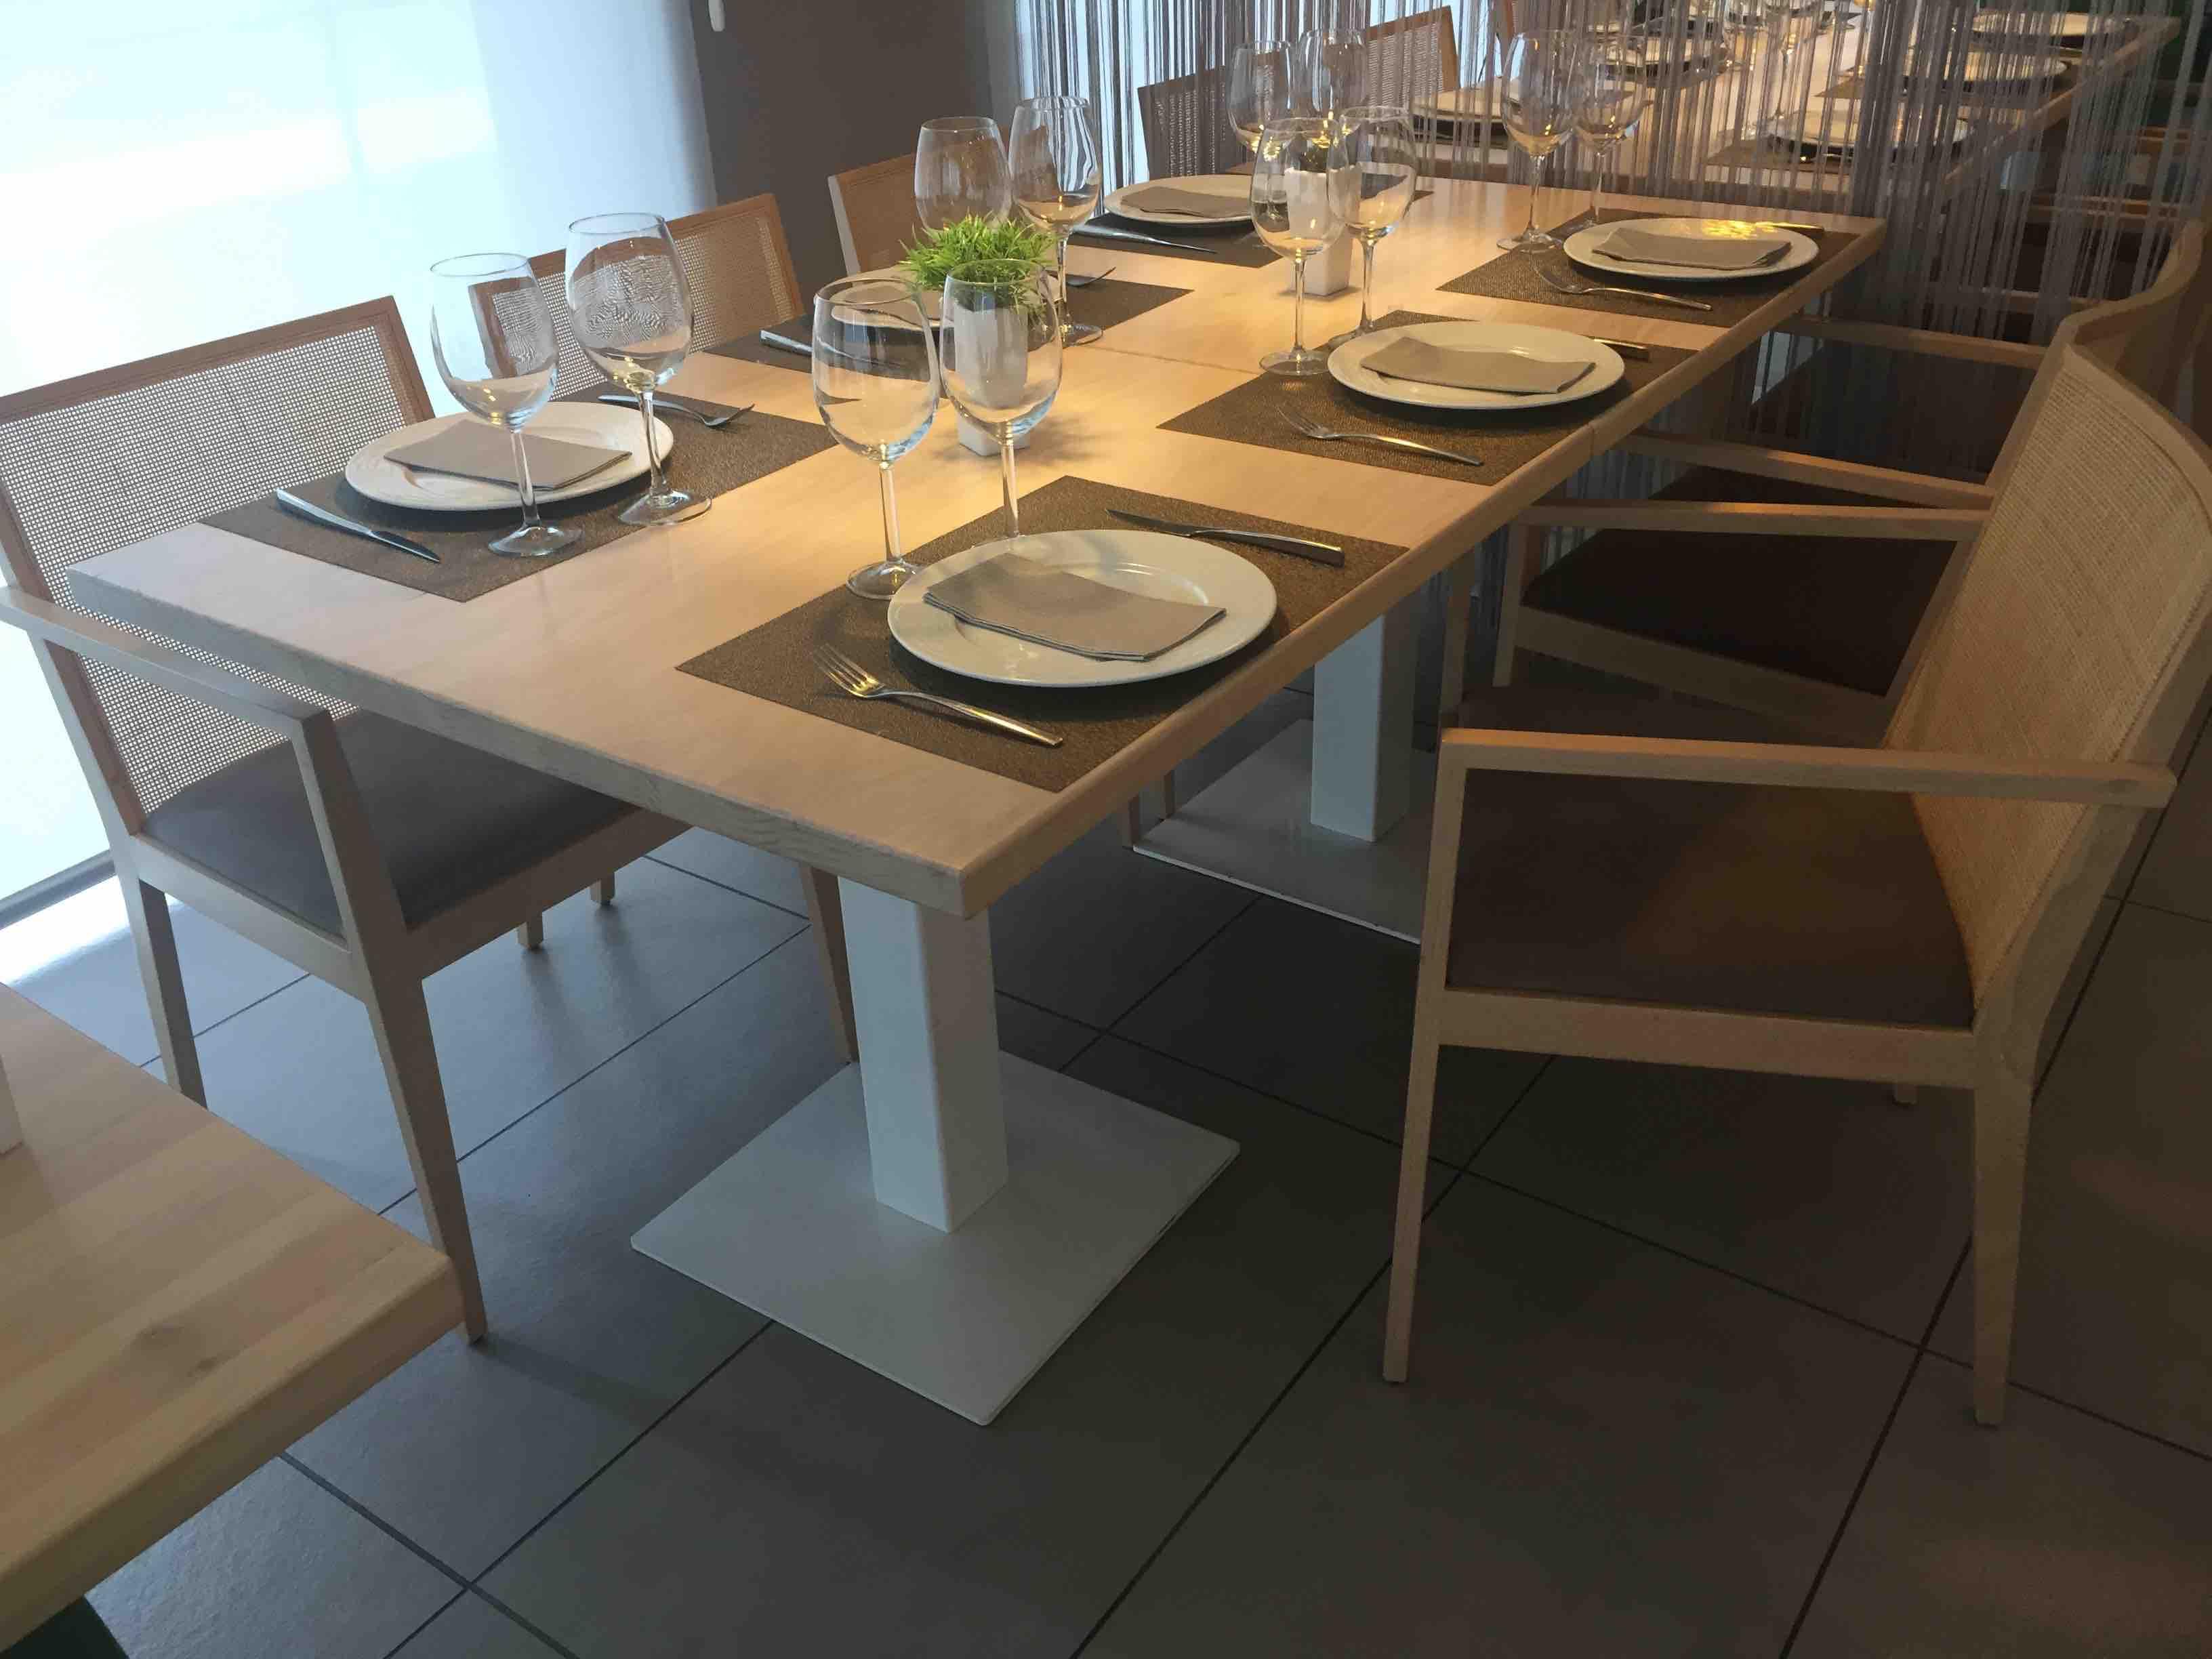 Pie de mesa cuadrada Ginebra. Mobiliario interior hostelería.